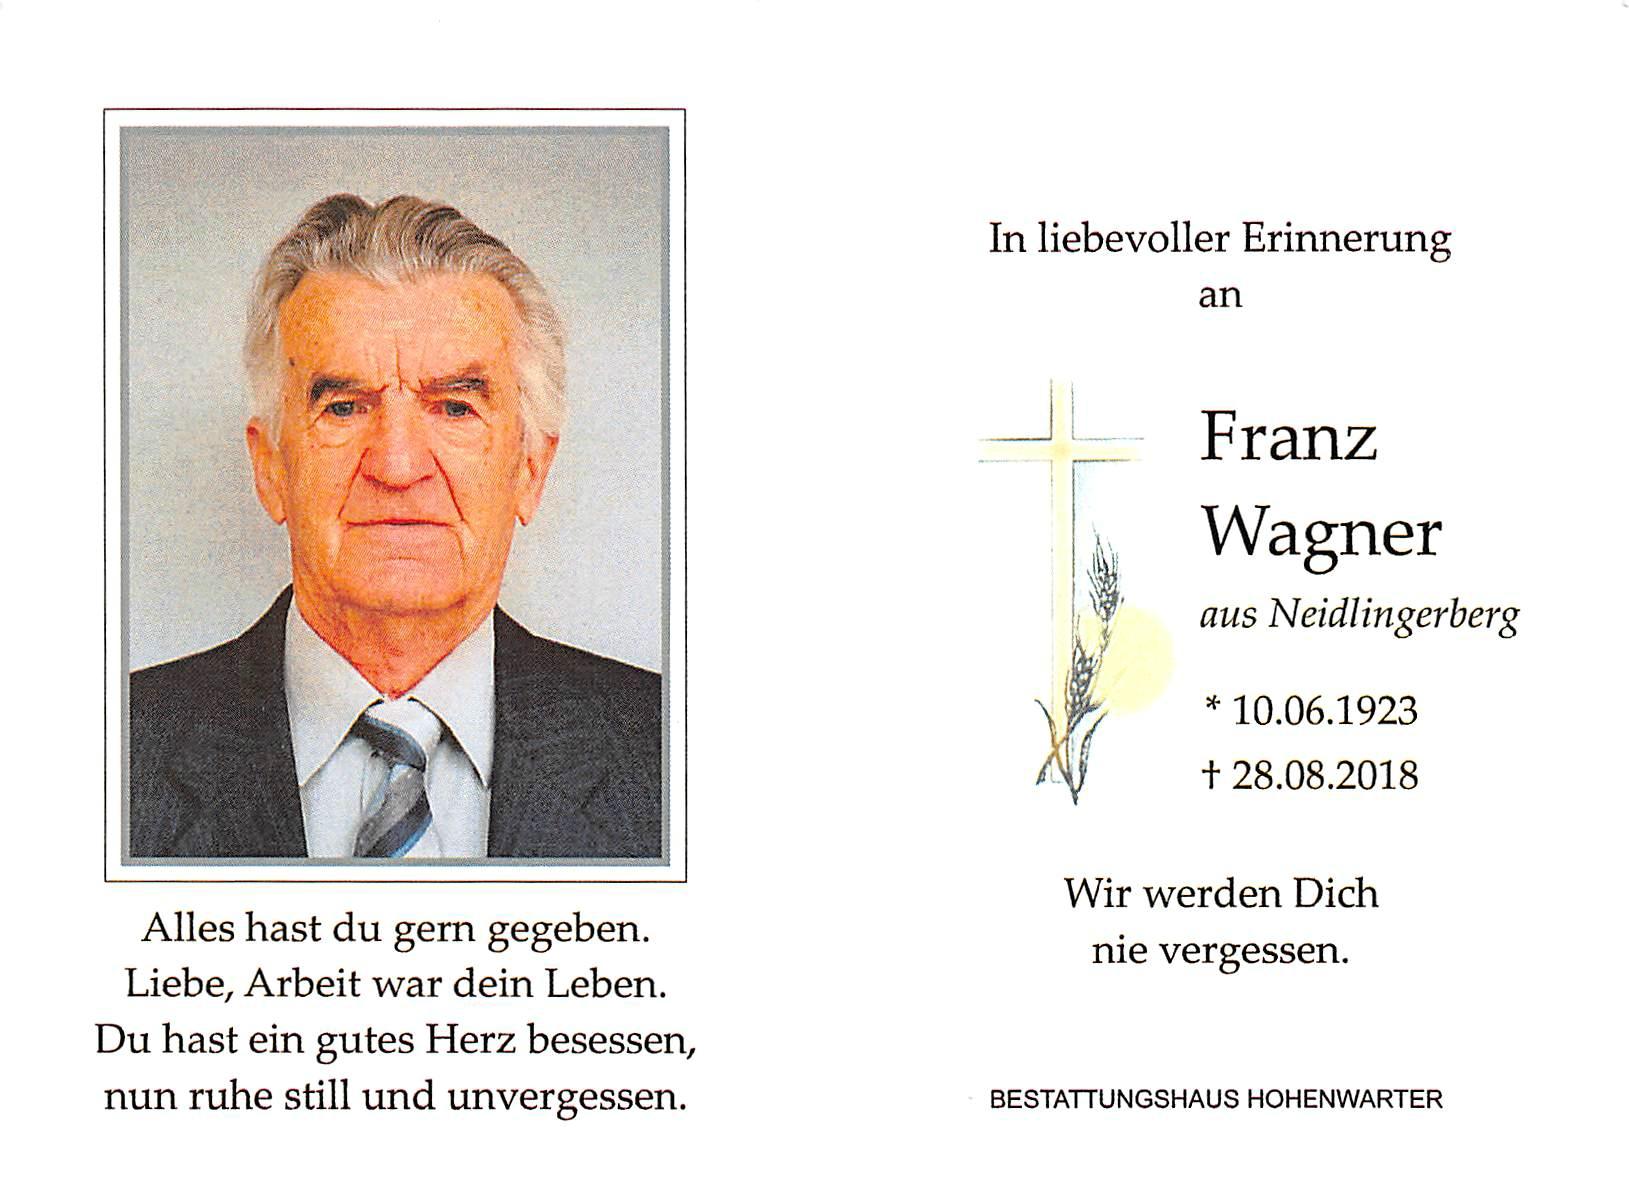 2018-08-28-Wagner-Franz-Neidlingerberg